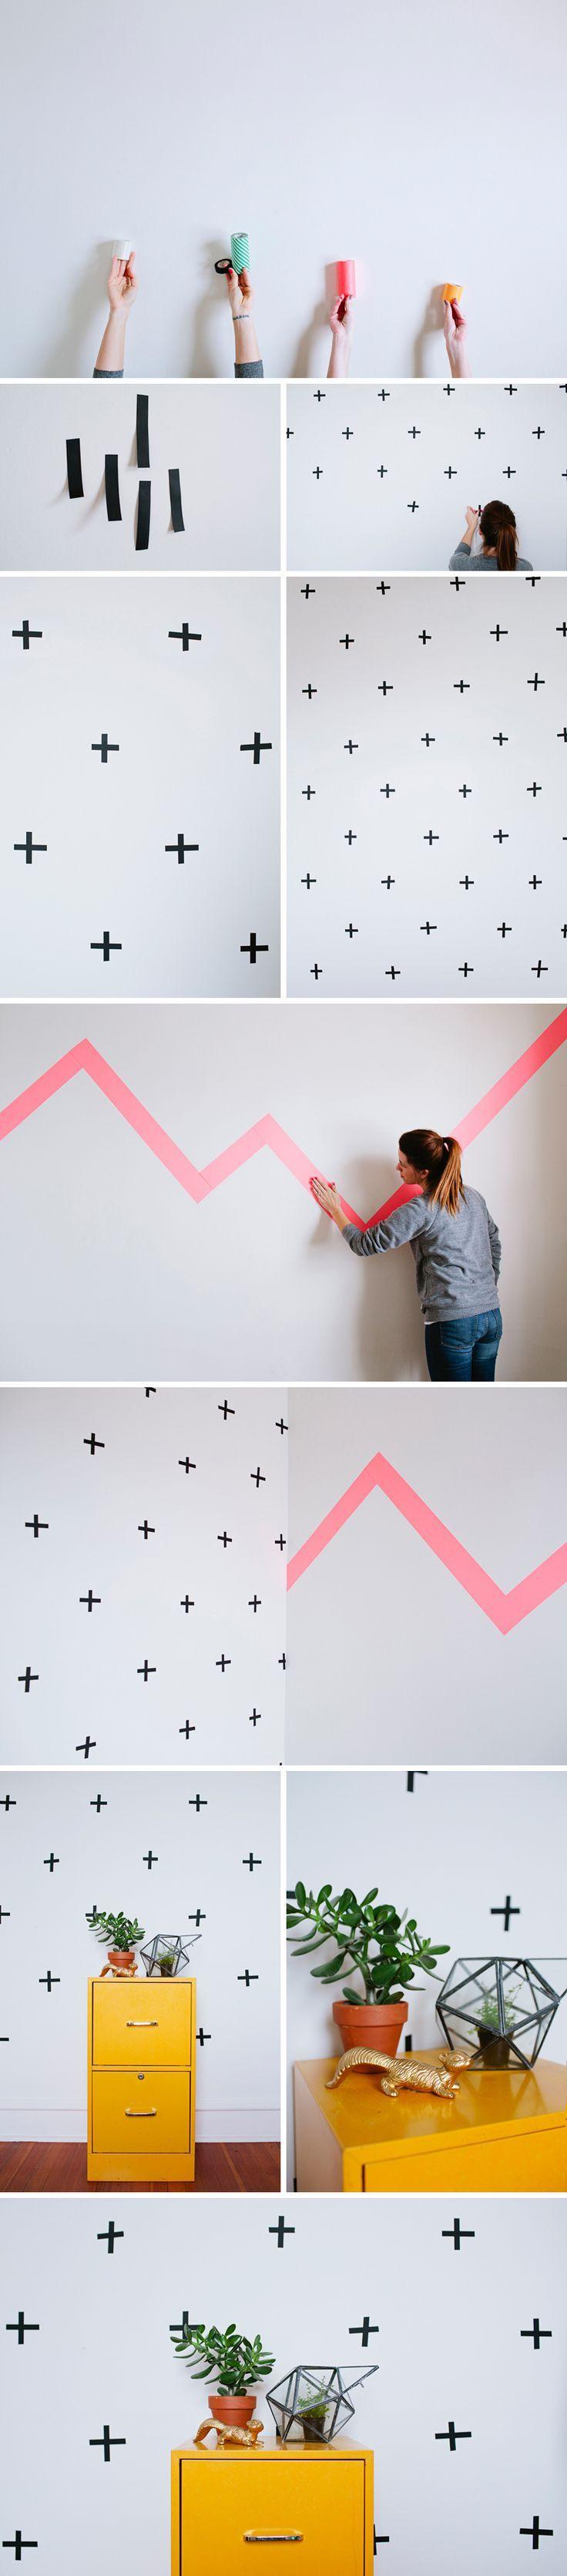 Washi Tape wall   walk in love.